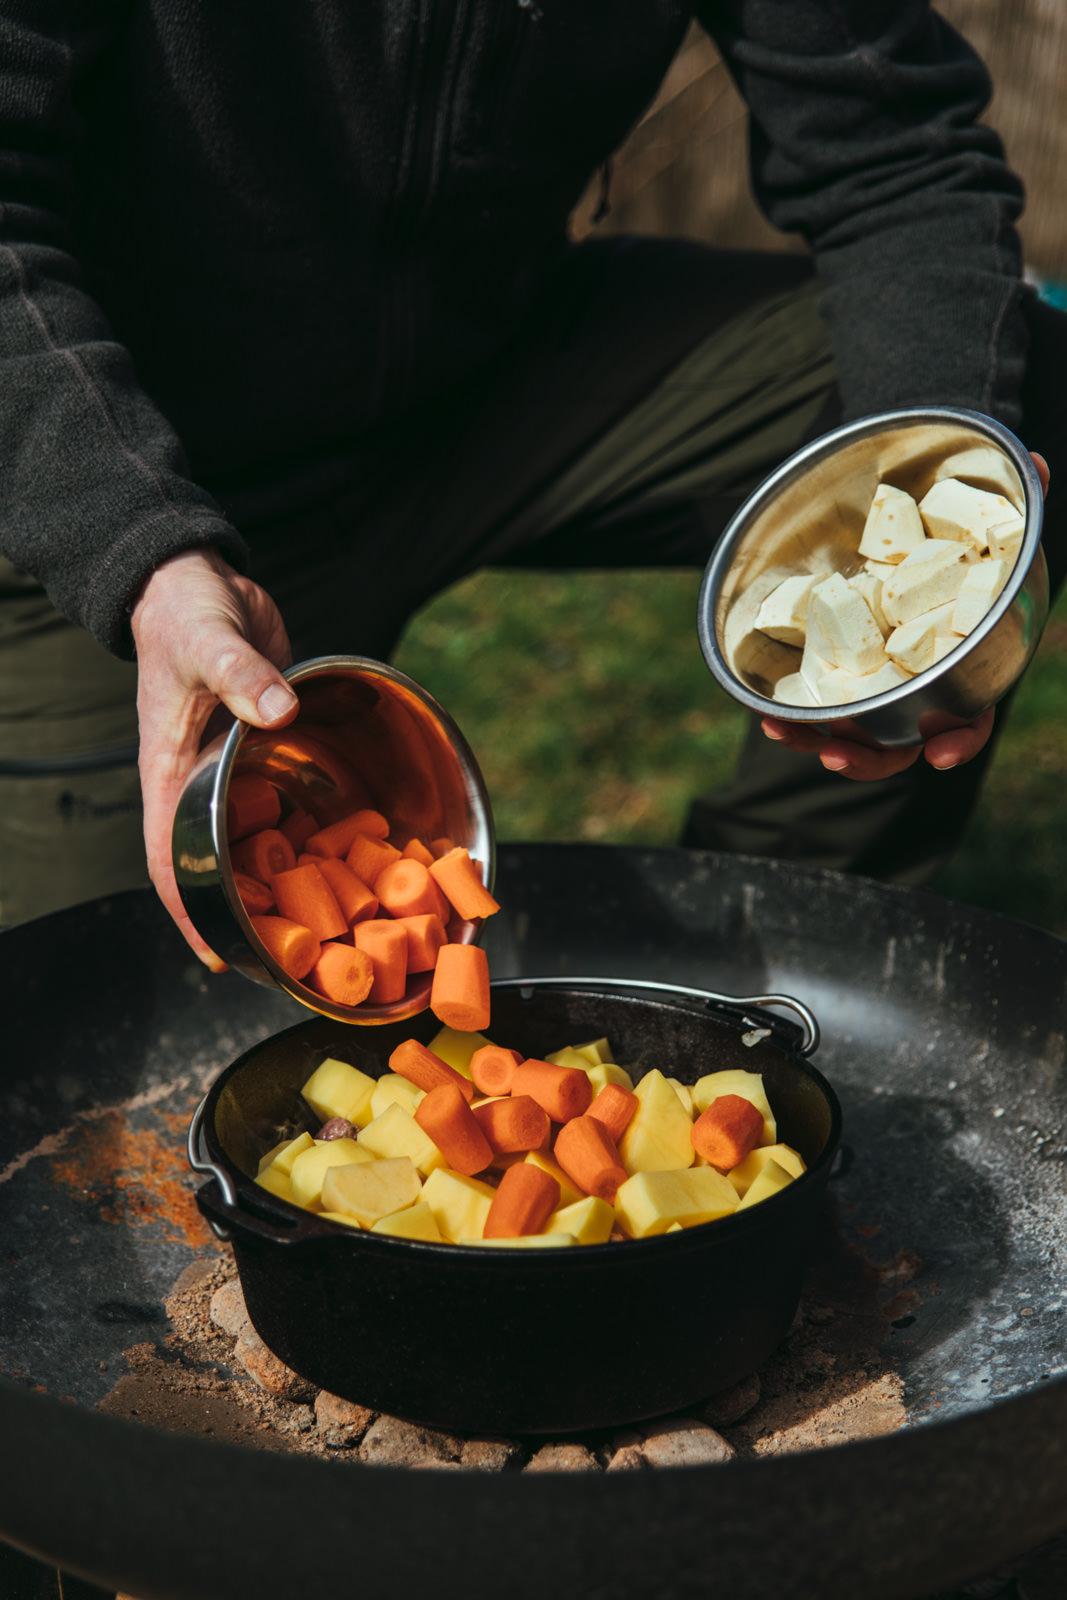 Karottten und Pastinake werden zu Kartoffeln in einen Dutch Oven geschüttet